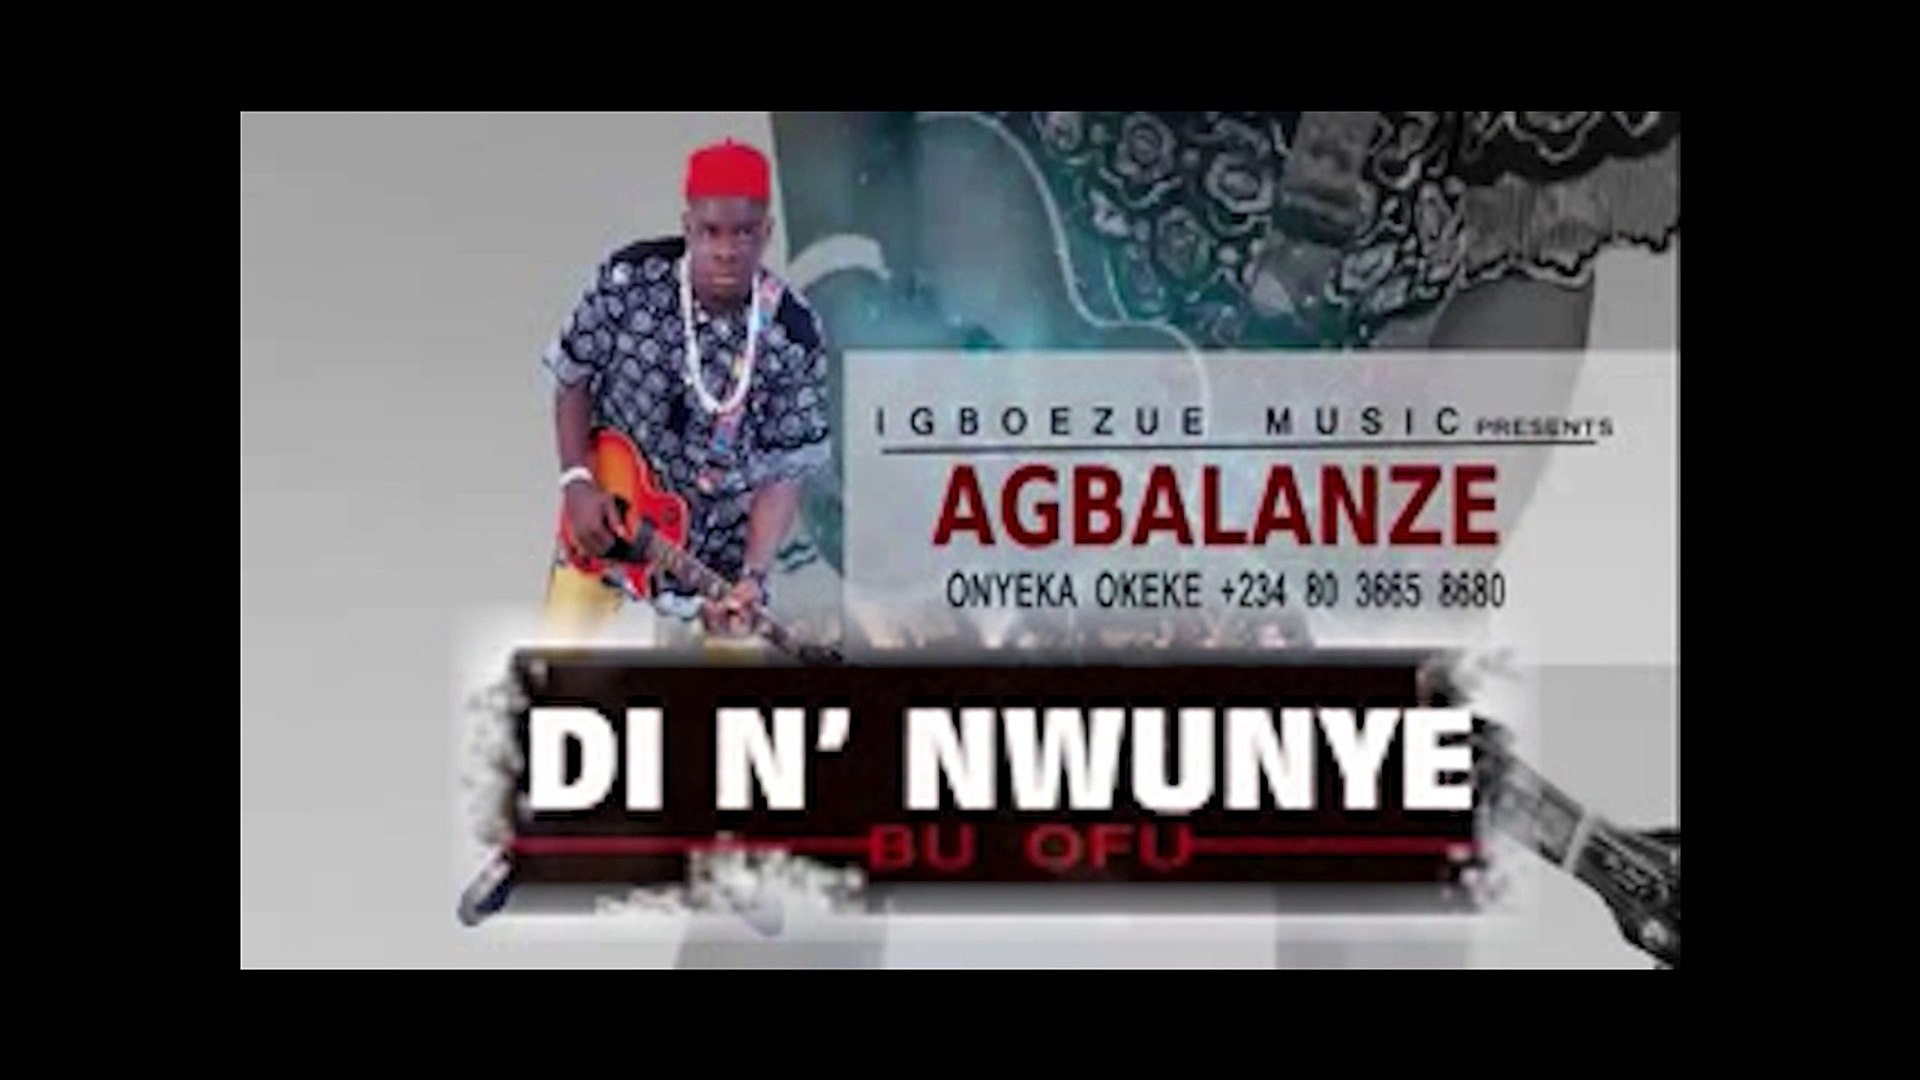 Agbalanze Onyeka Okeke - Di na Nwunye Bu Ofu - Nigerian Highlife Music 2017